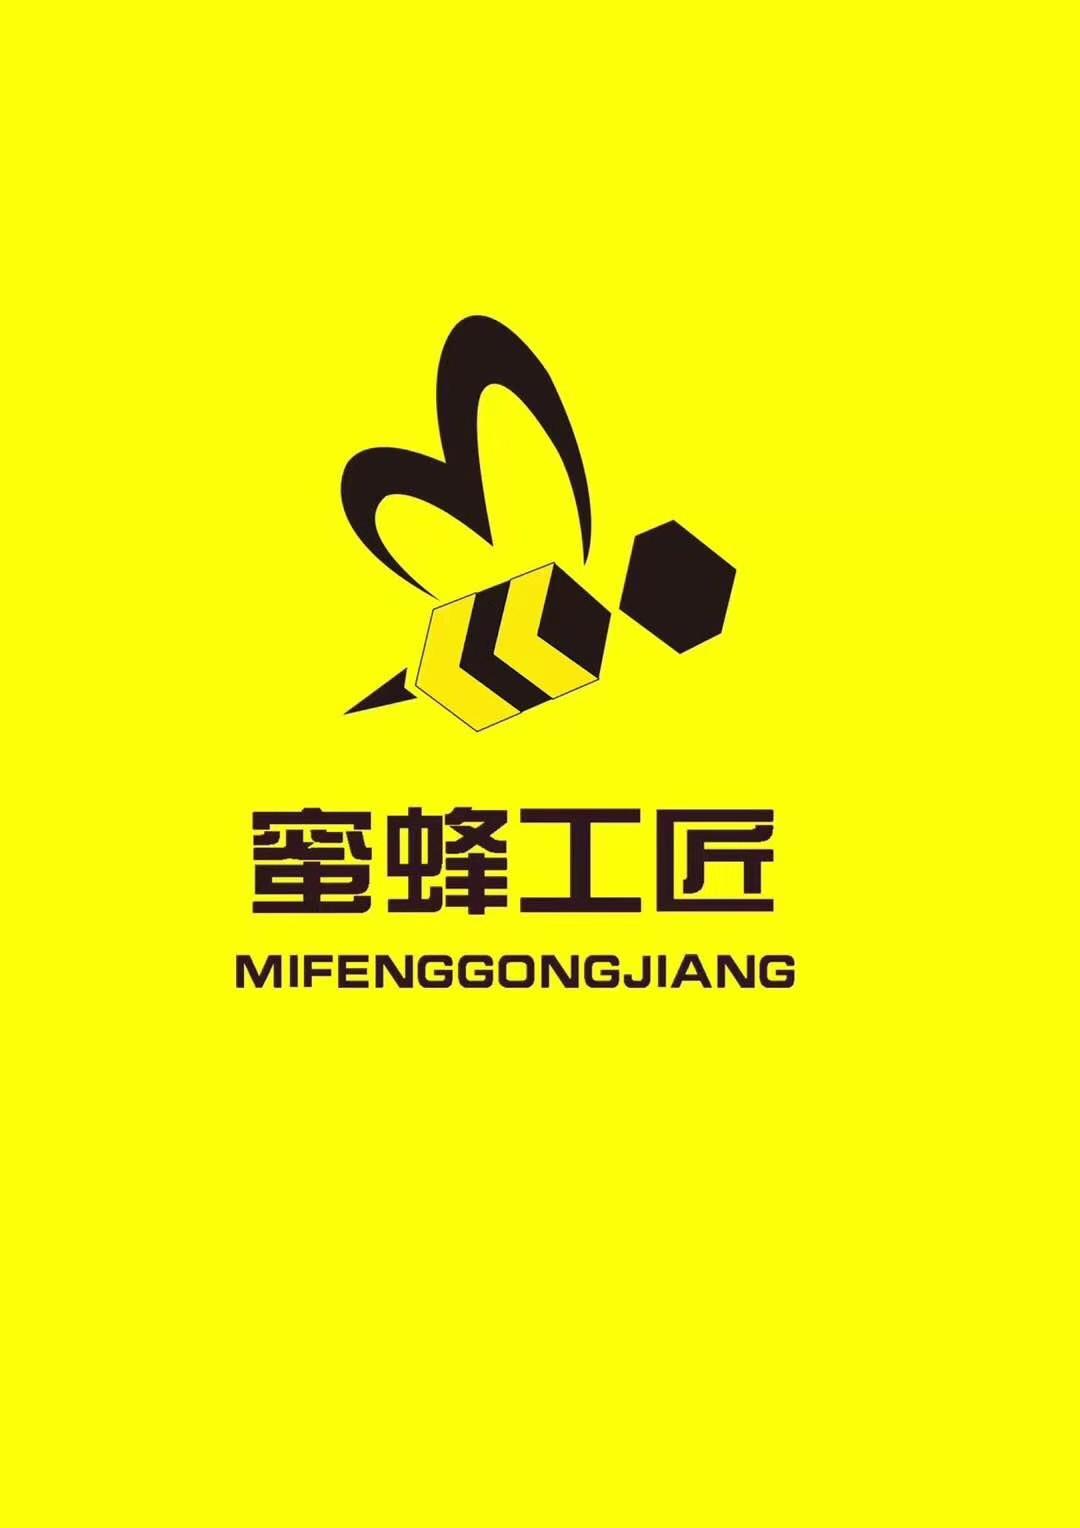 内蒙古蜜蜂工匠装饰设计工程有限公司